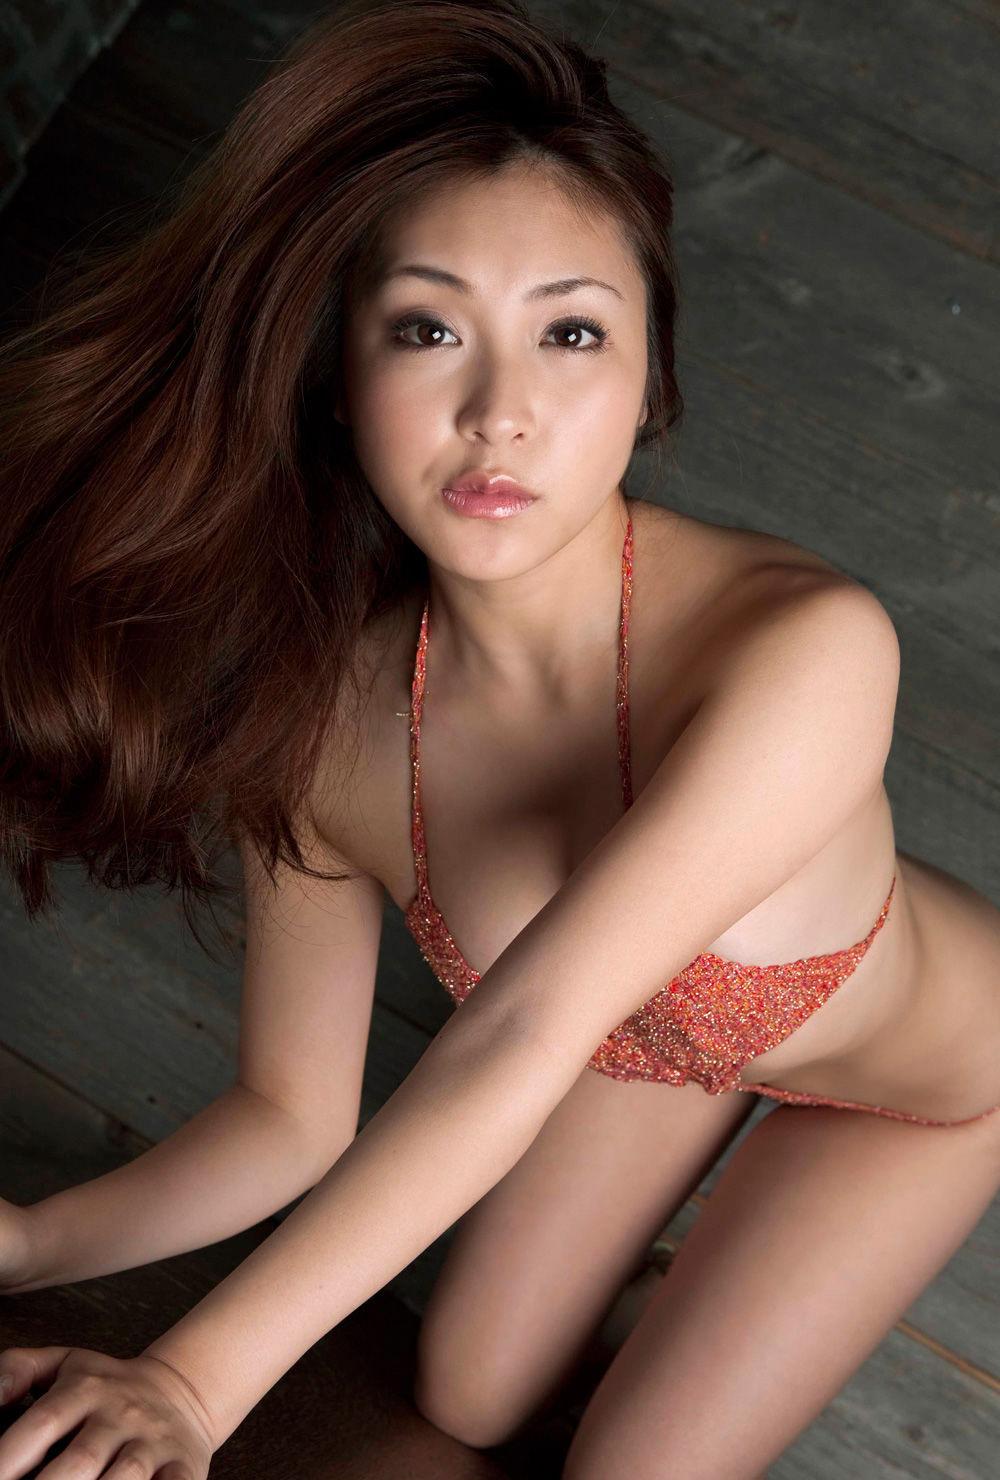 辰巳奈都子 画像 掲示板 66